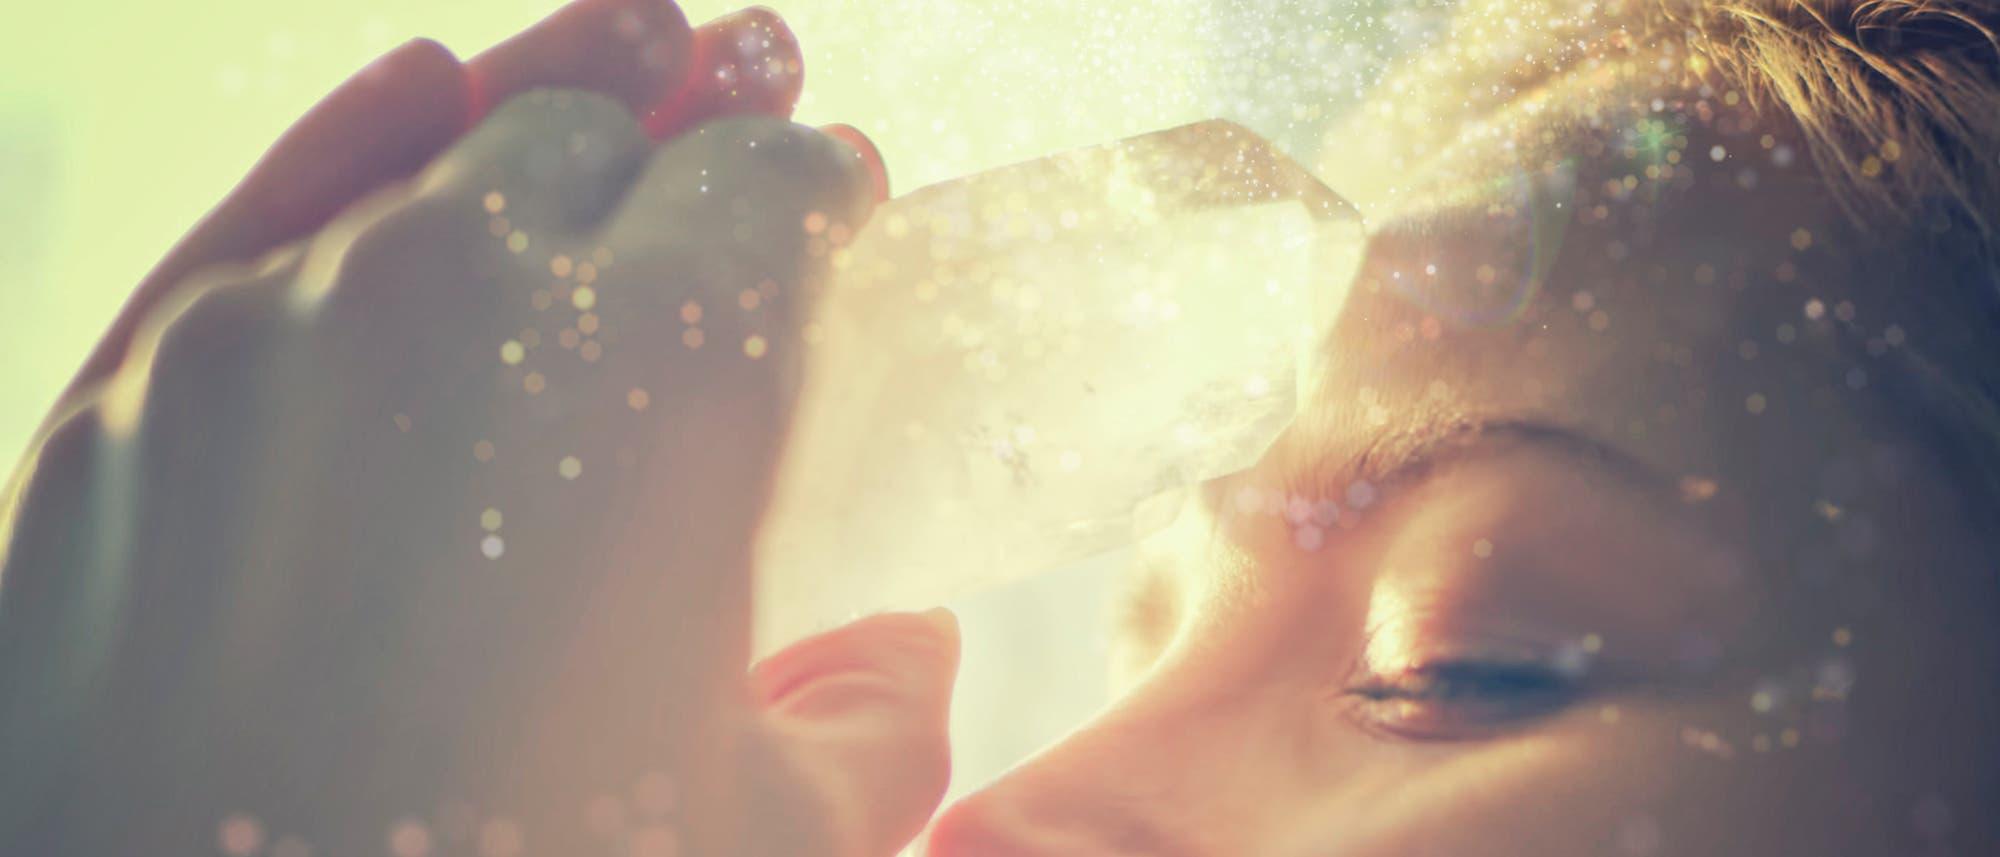 Bei der vermeintlichen Kristallheilung soll unter anderem die Aura eines Menschen gereinigt werden. Belege gibt es keine.